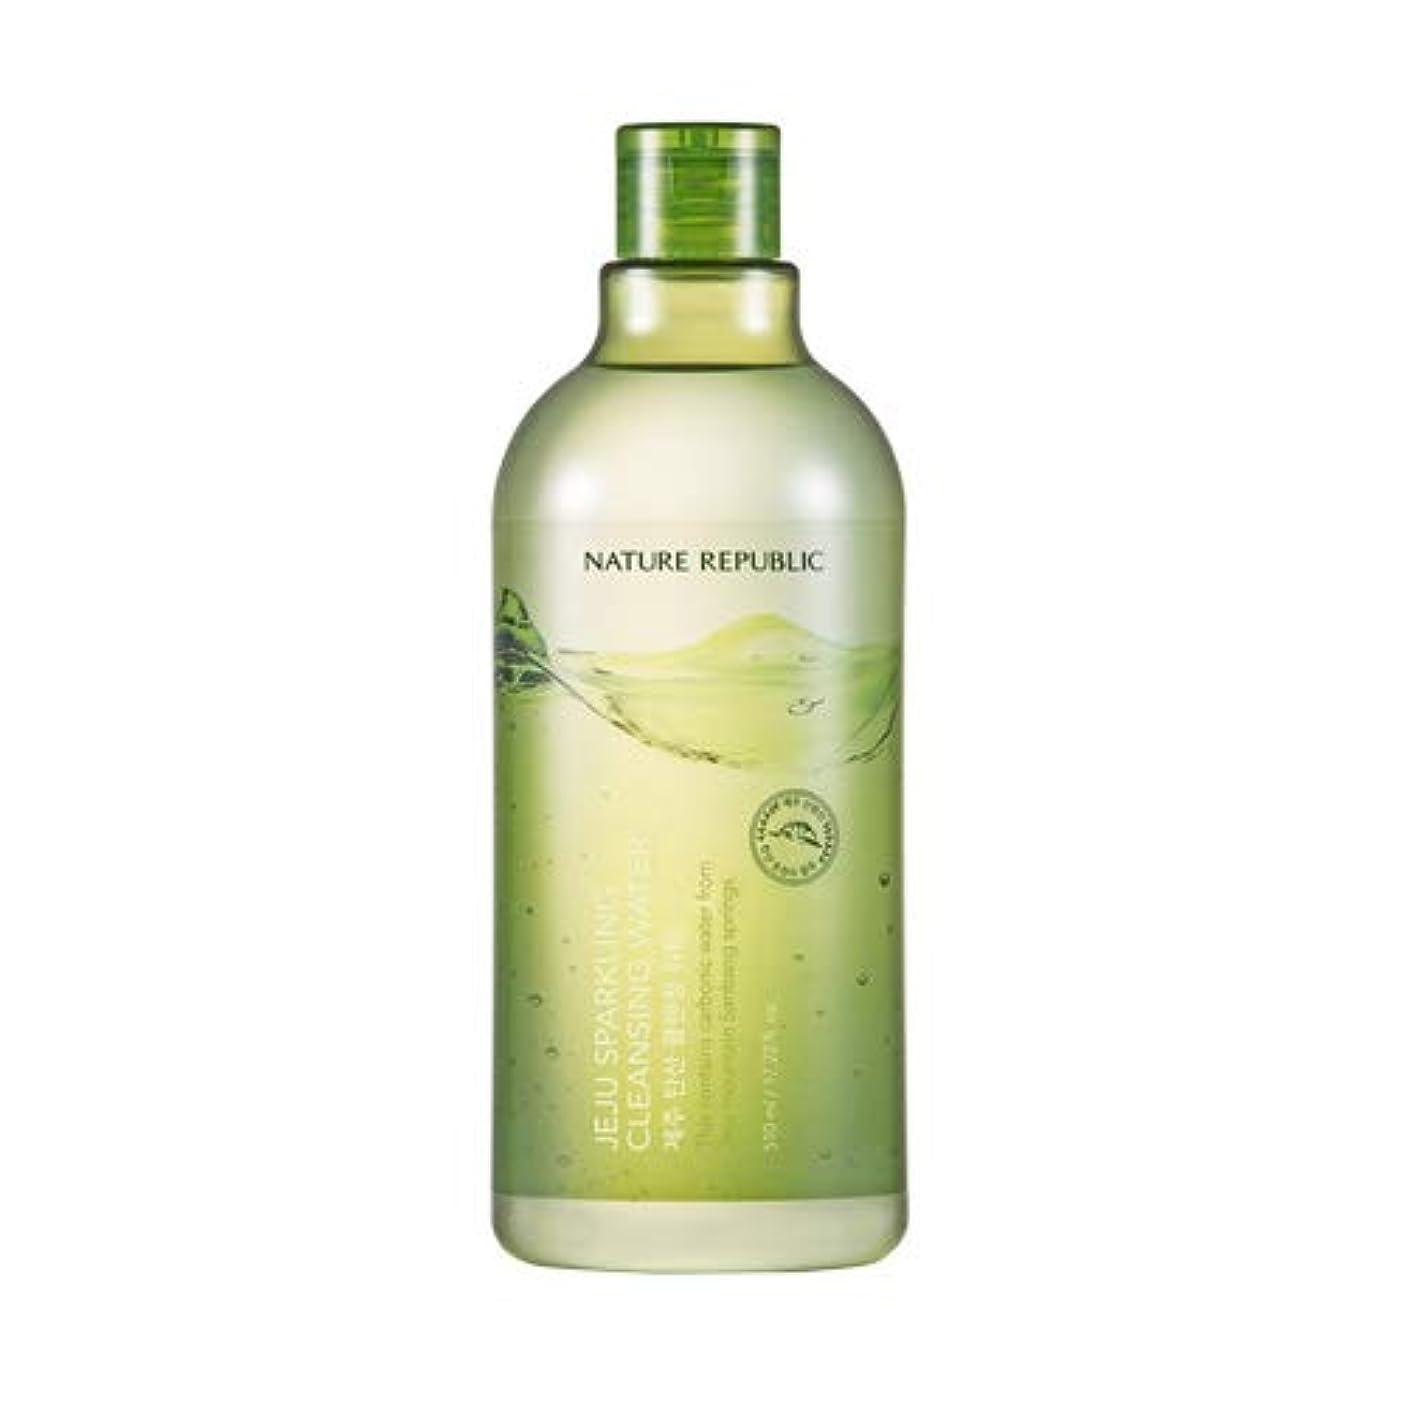 成果着飾る製造Nature republic Jeju Sparkling(Carbonic) Cleansing Water ネイチャーリパブリック済州炭酸クレンジングウォーター 510ml [並行輸入品]